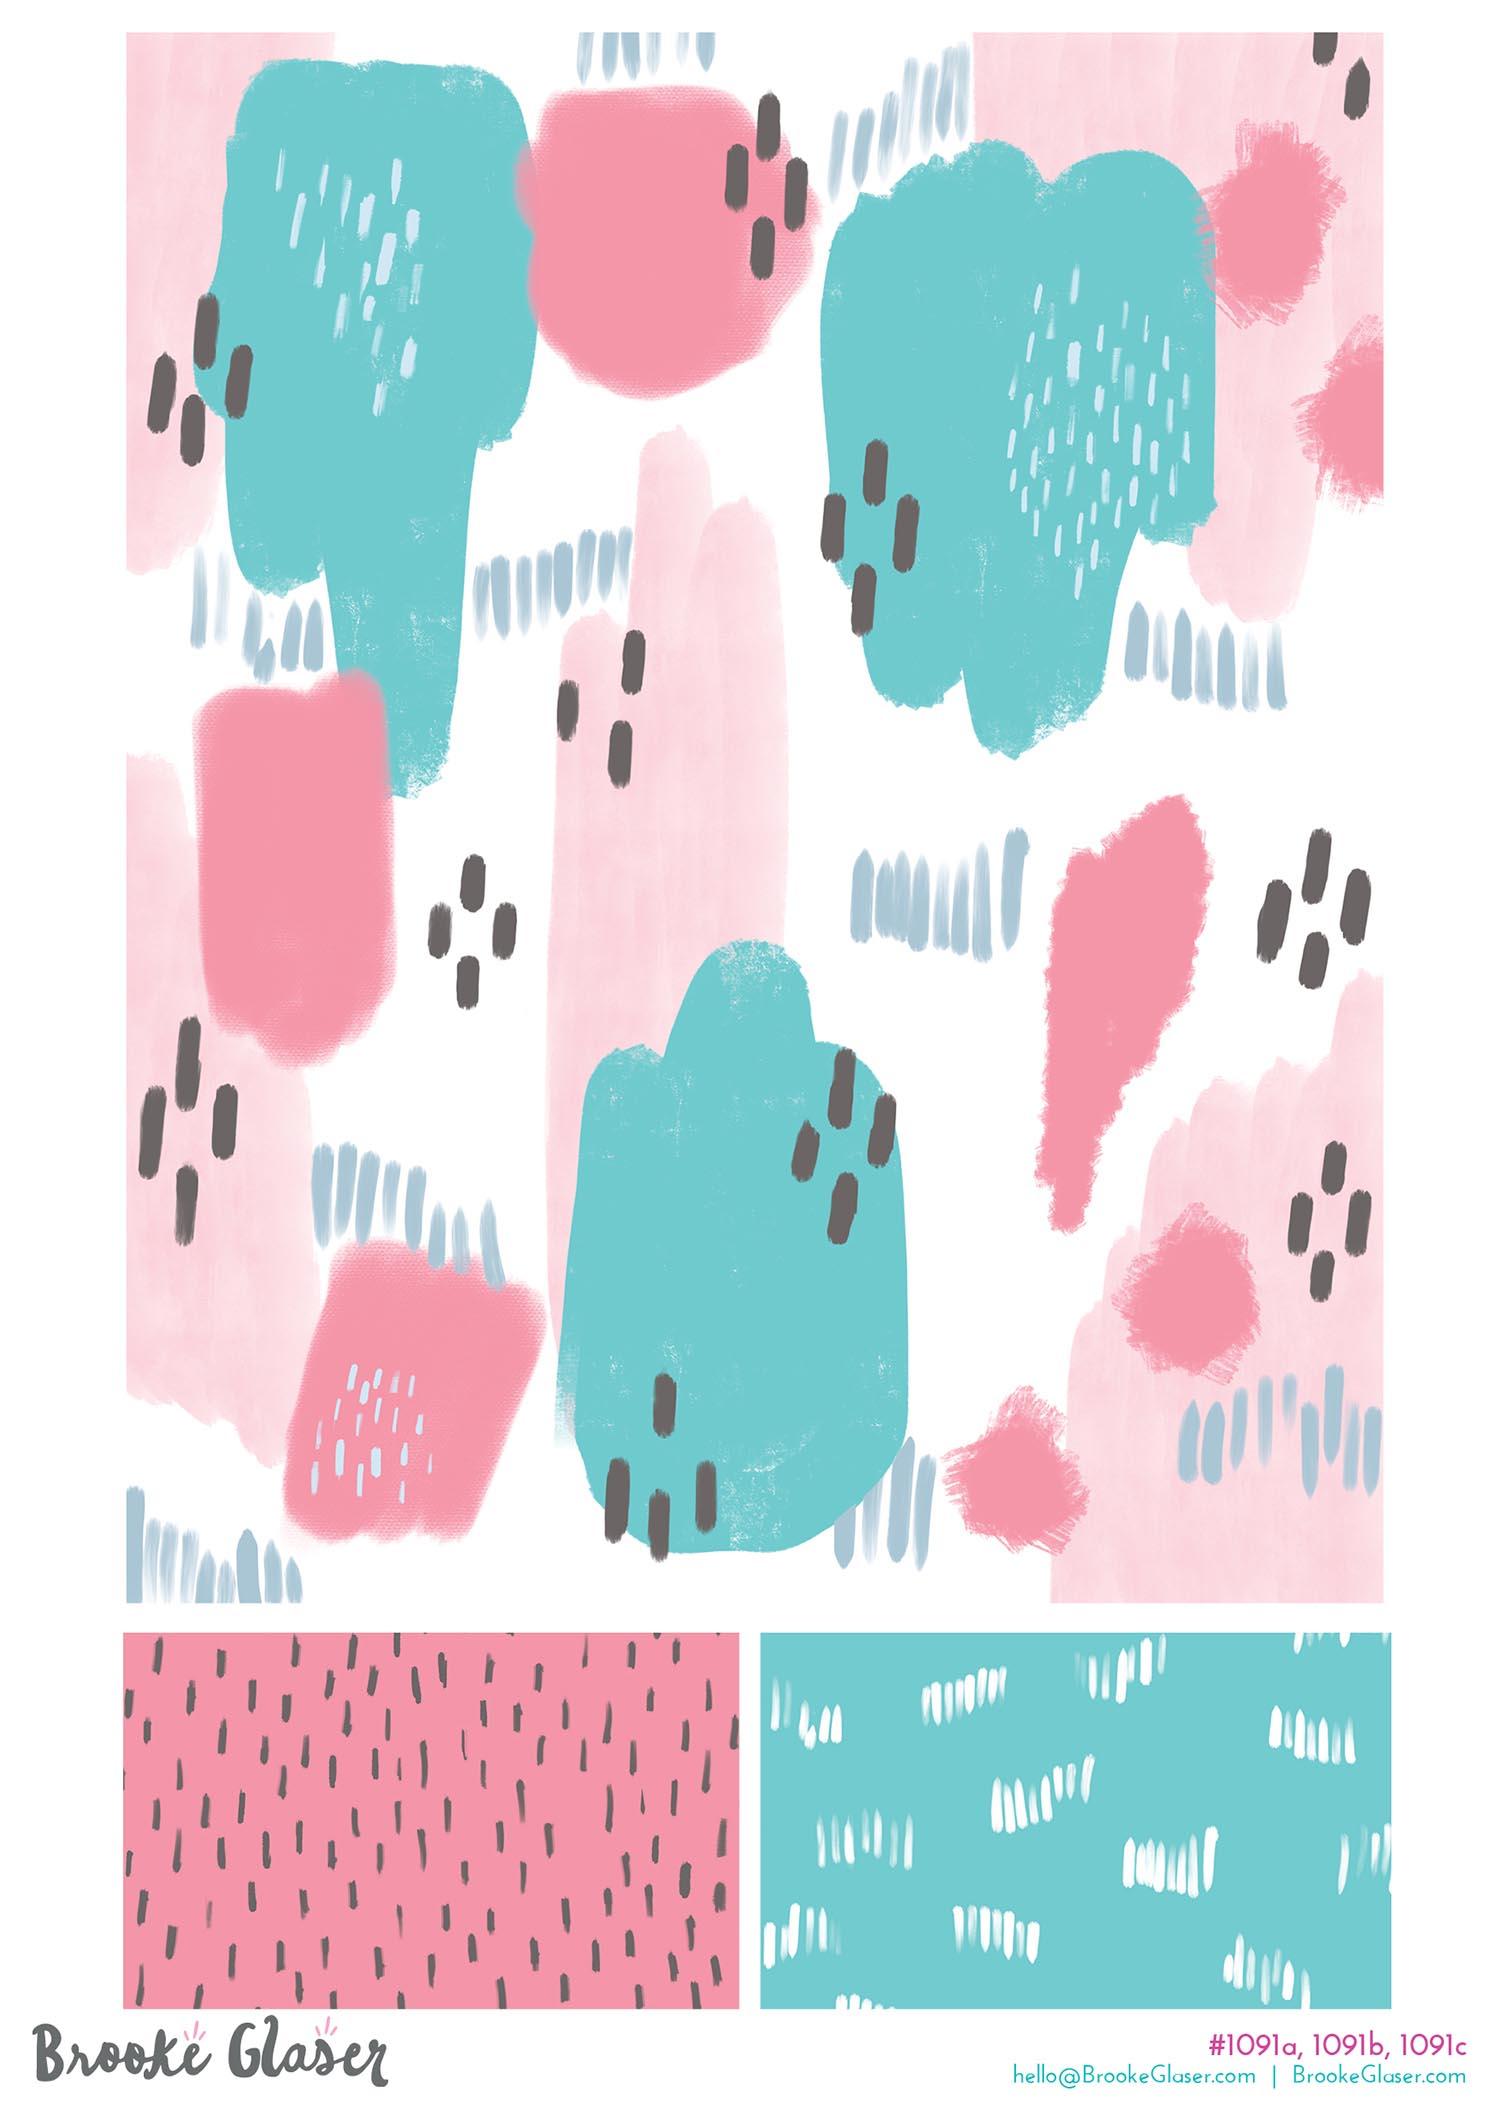 Brooke-Glaser-Prints27.jpg